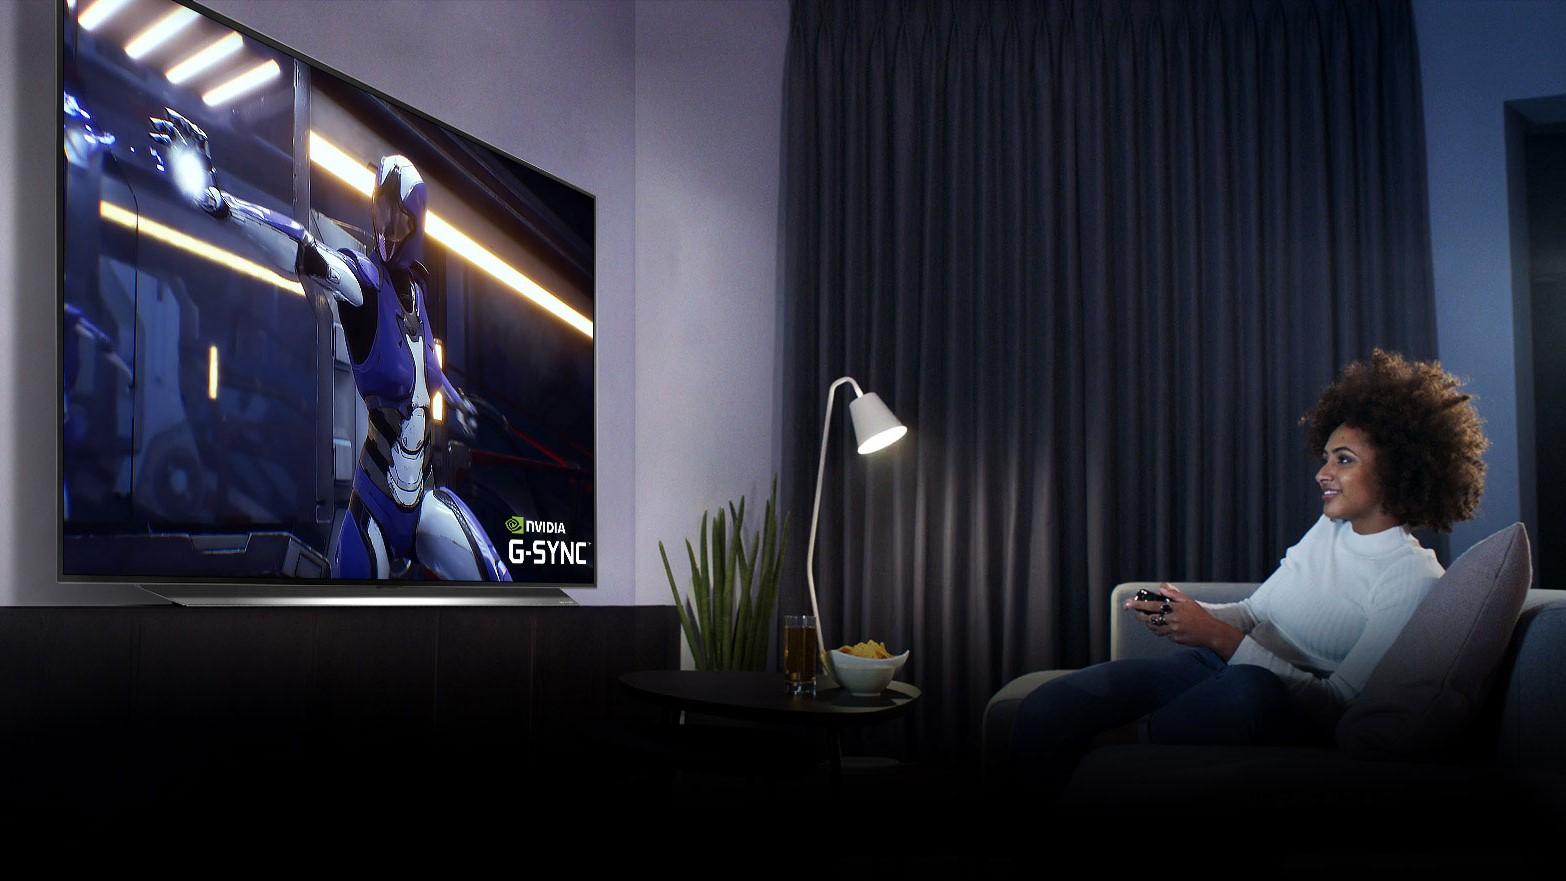 Le plus petit TV OLED est finalement repoussé, au grand dam des gamers